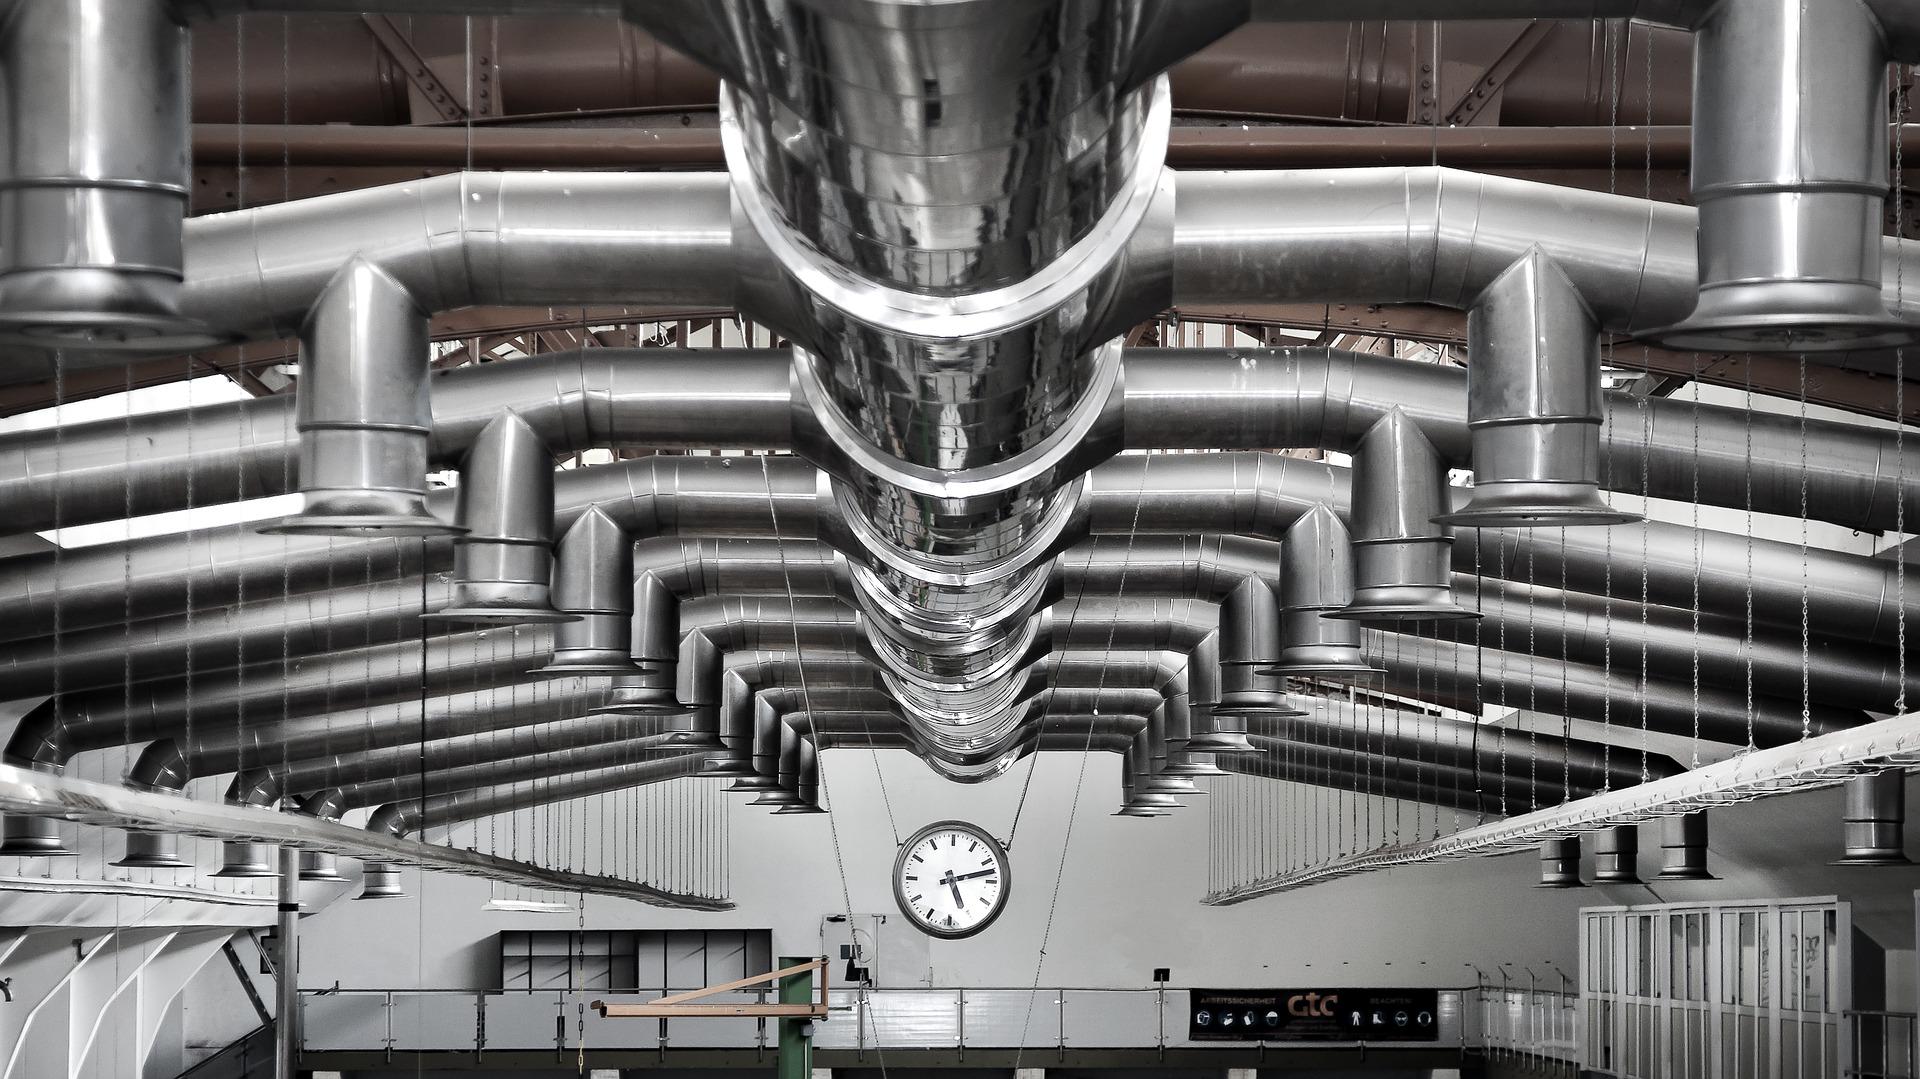 Specjalistyczne wentylatory w zakładach przemysłowych